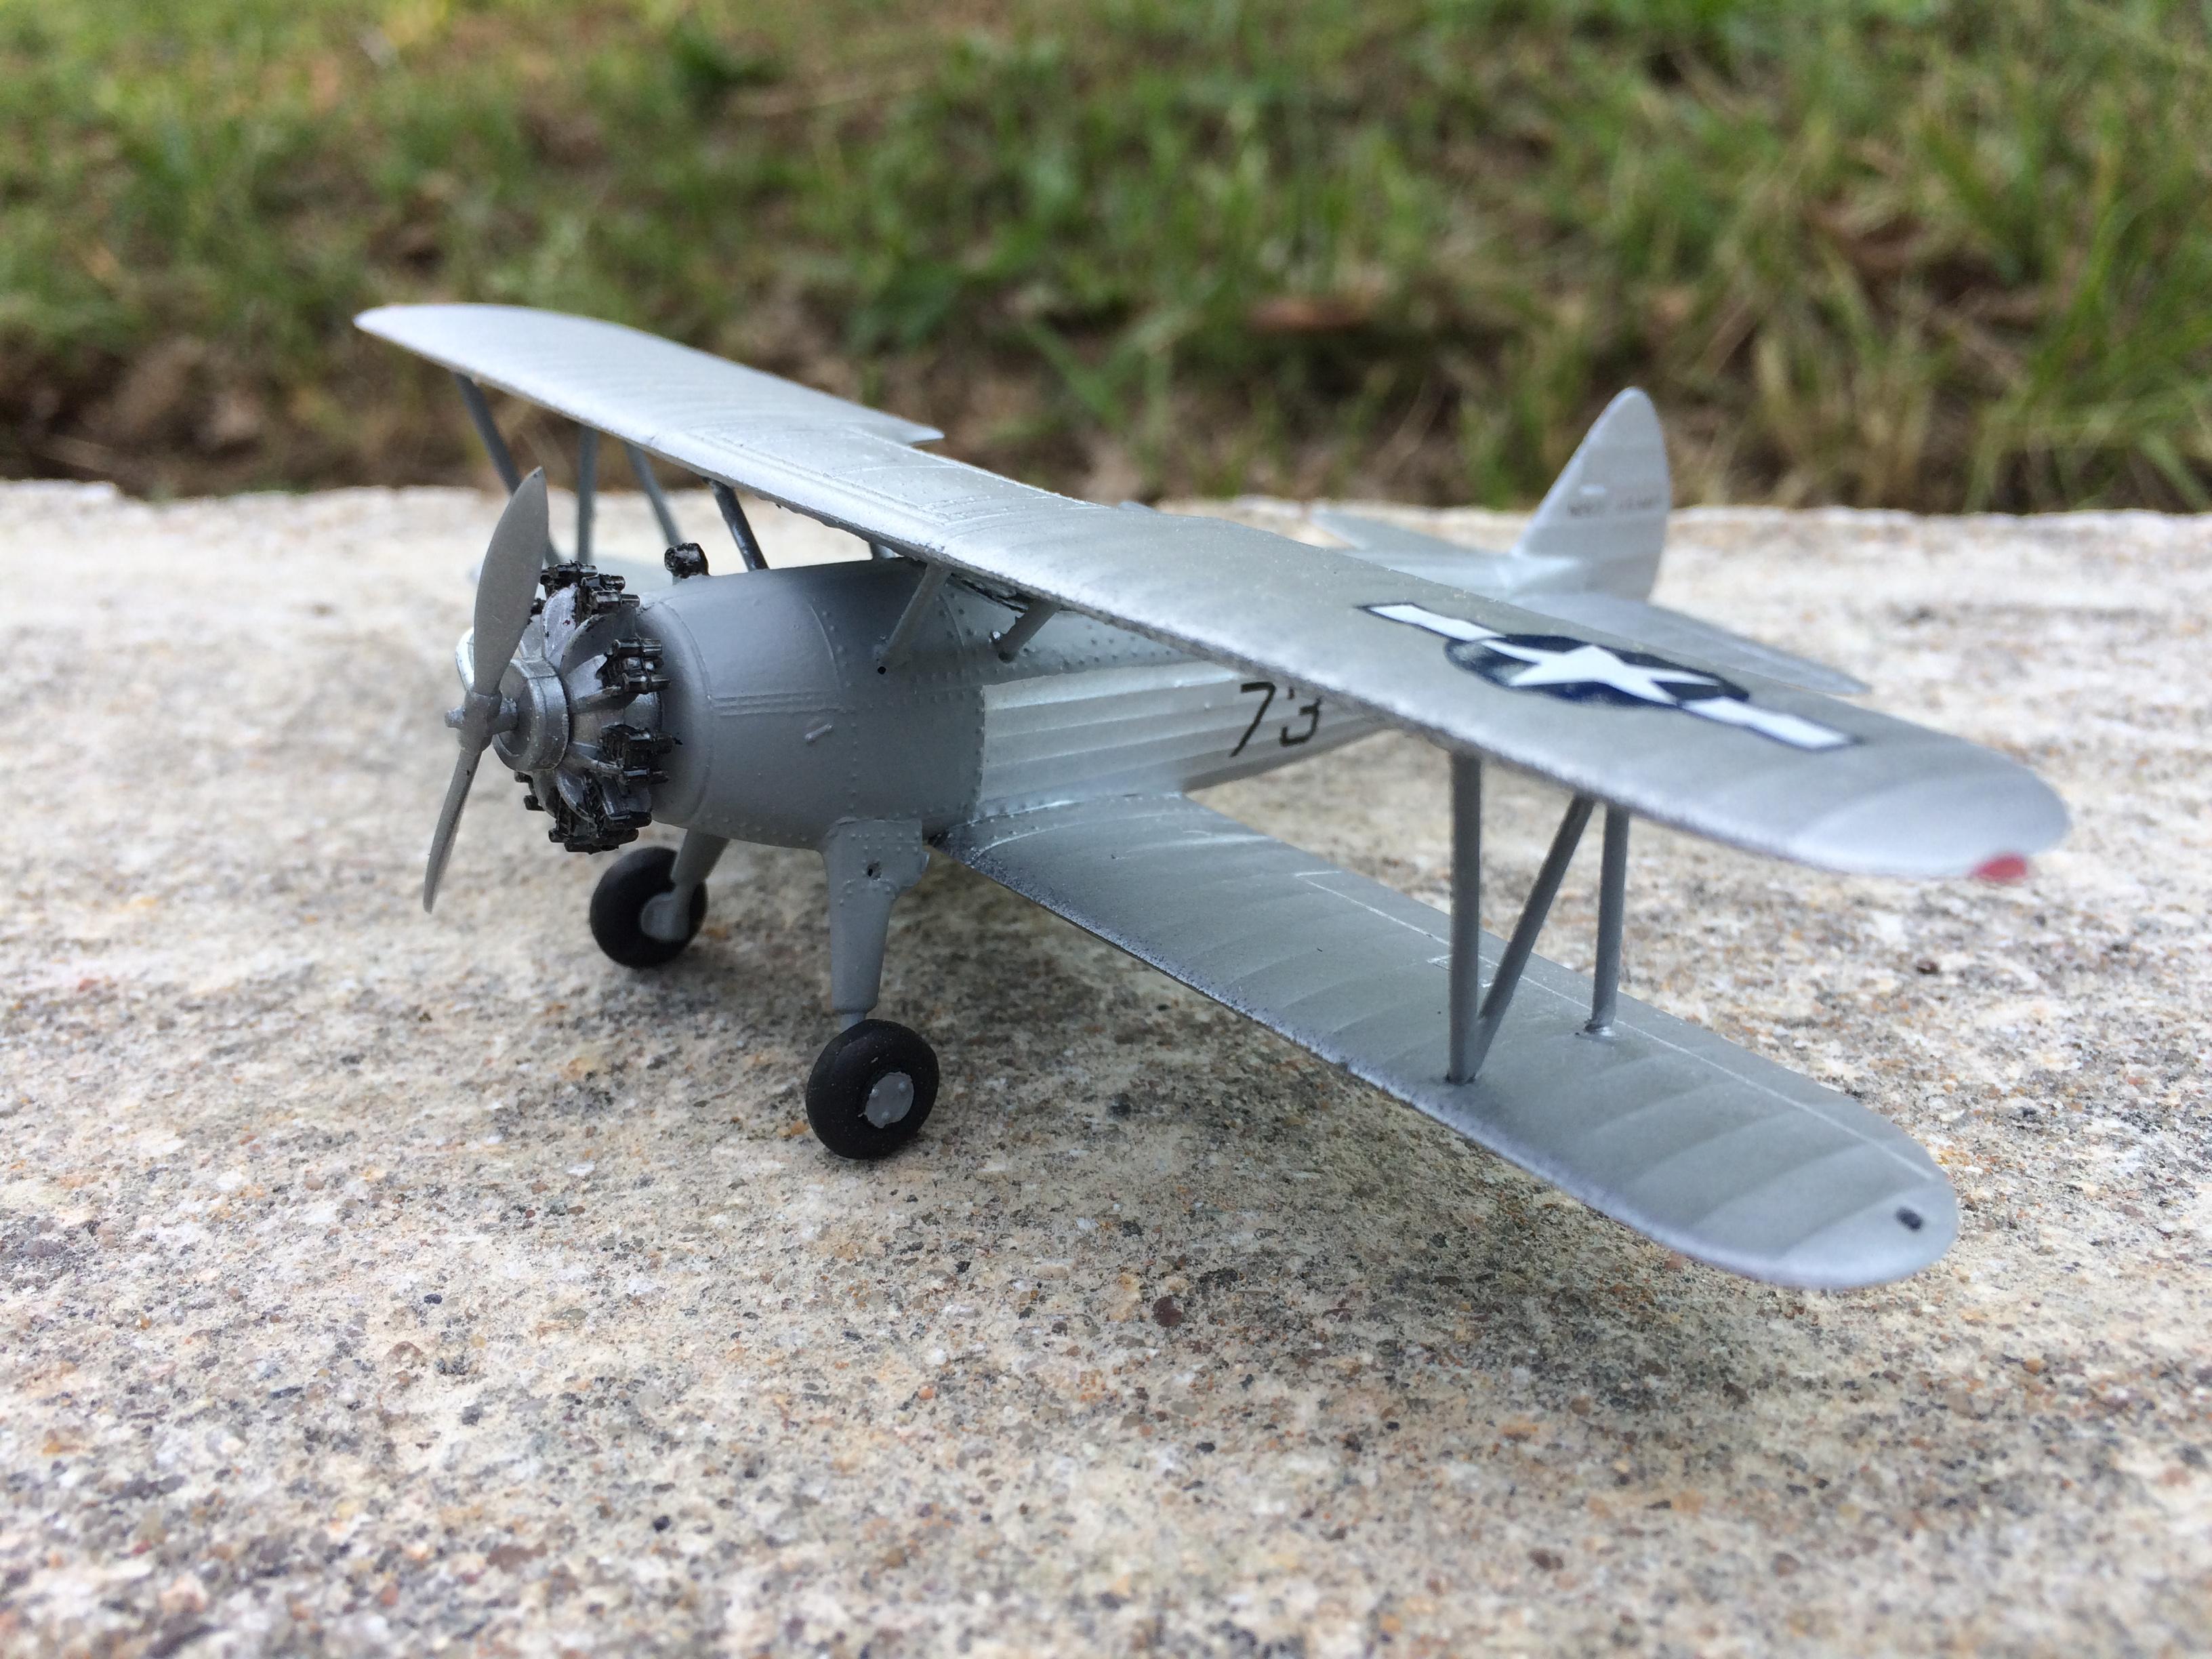 1DA657BA-52EC-4A97-8ABC-A971B439BFD1.jpeg